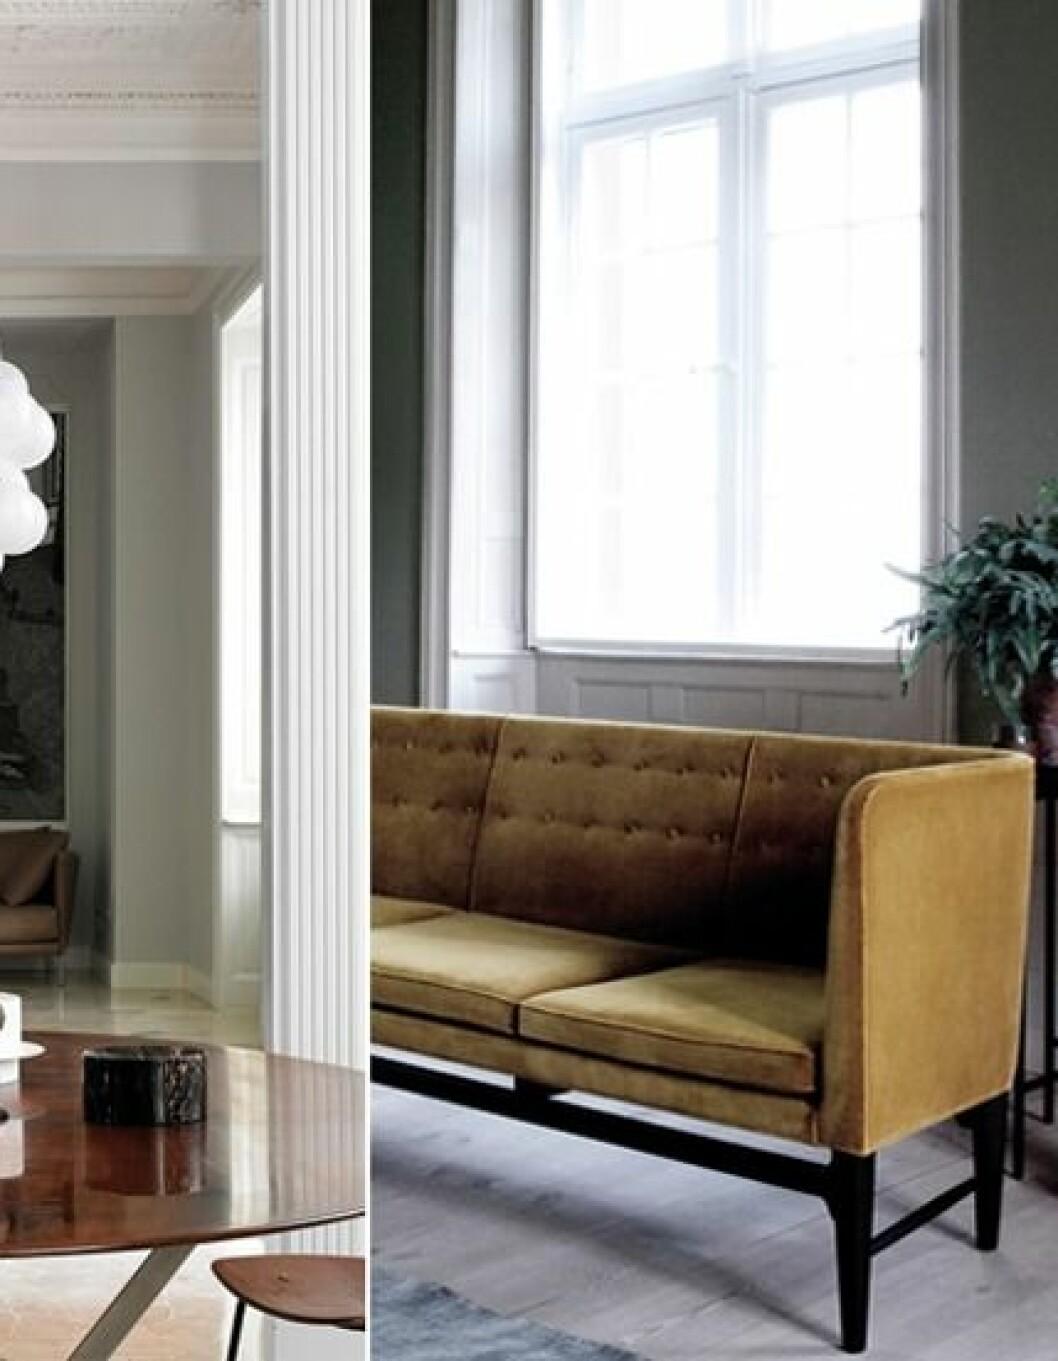 Hopfällbara möbler på balkongen gör den både praktisk och snygg